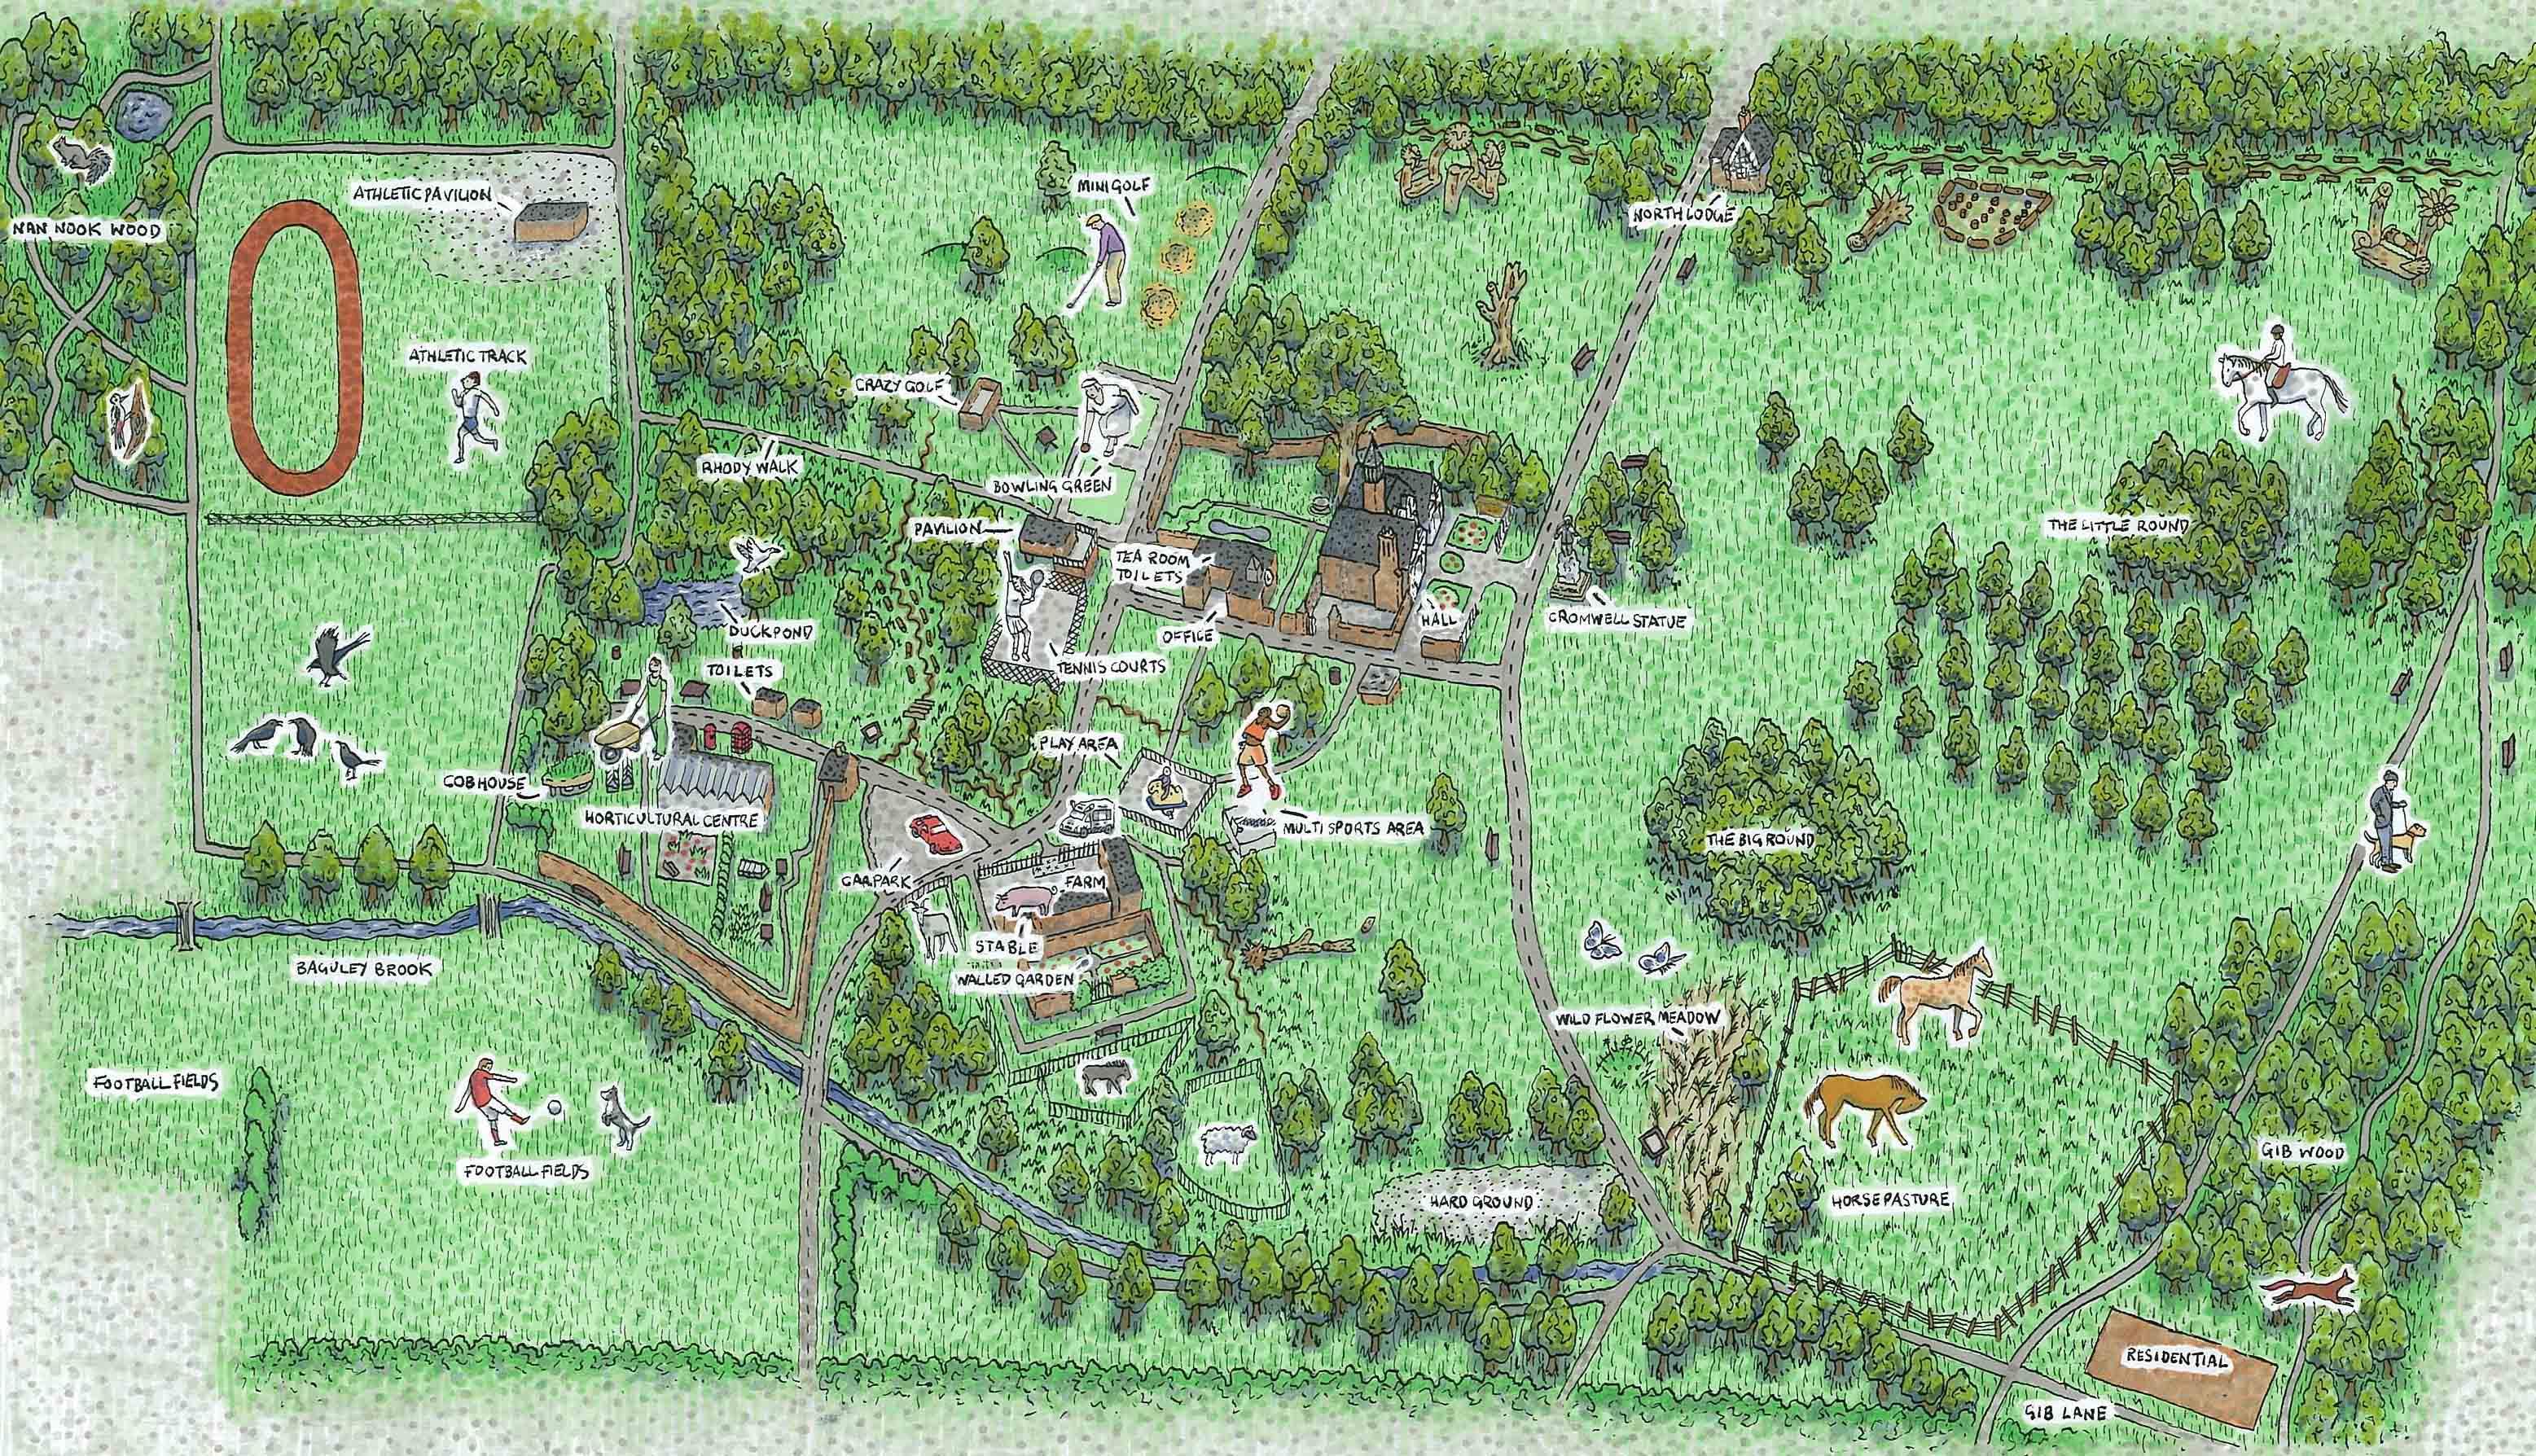 Wythenshawe Park Orienteering